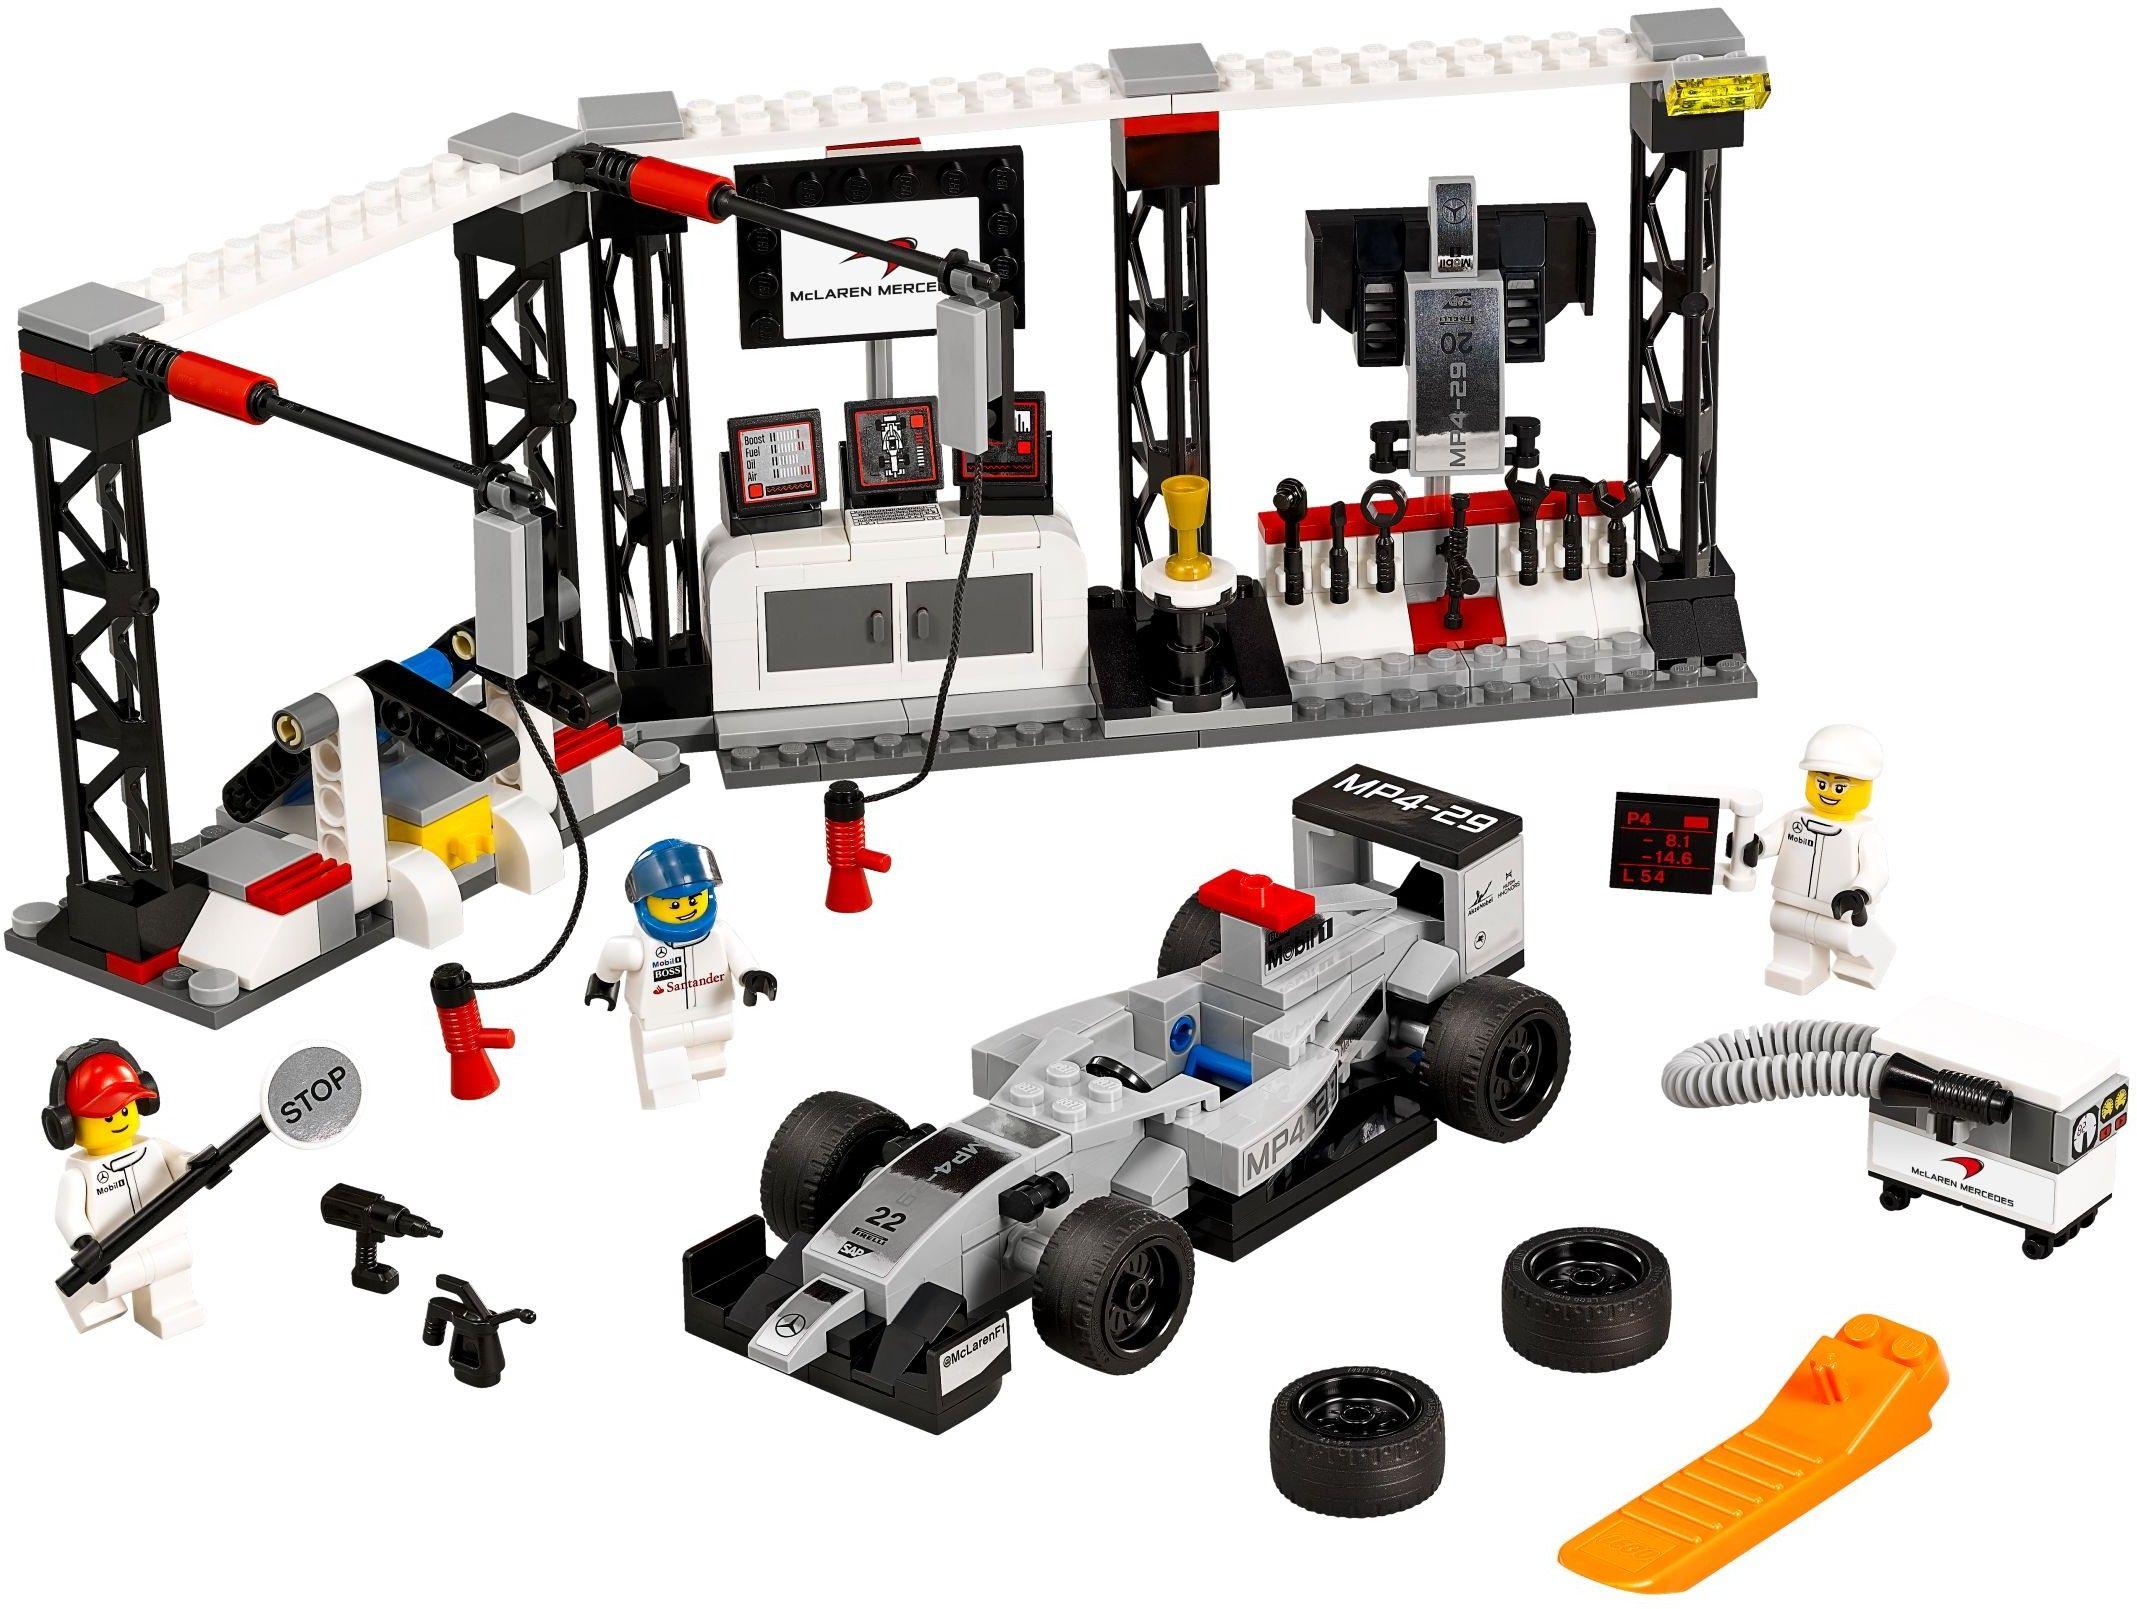 LEGO 75911 Speed Champions McLaren Mercedes Pit Stop - Wiki Brick